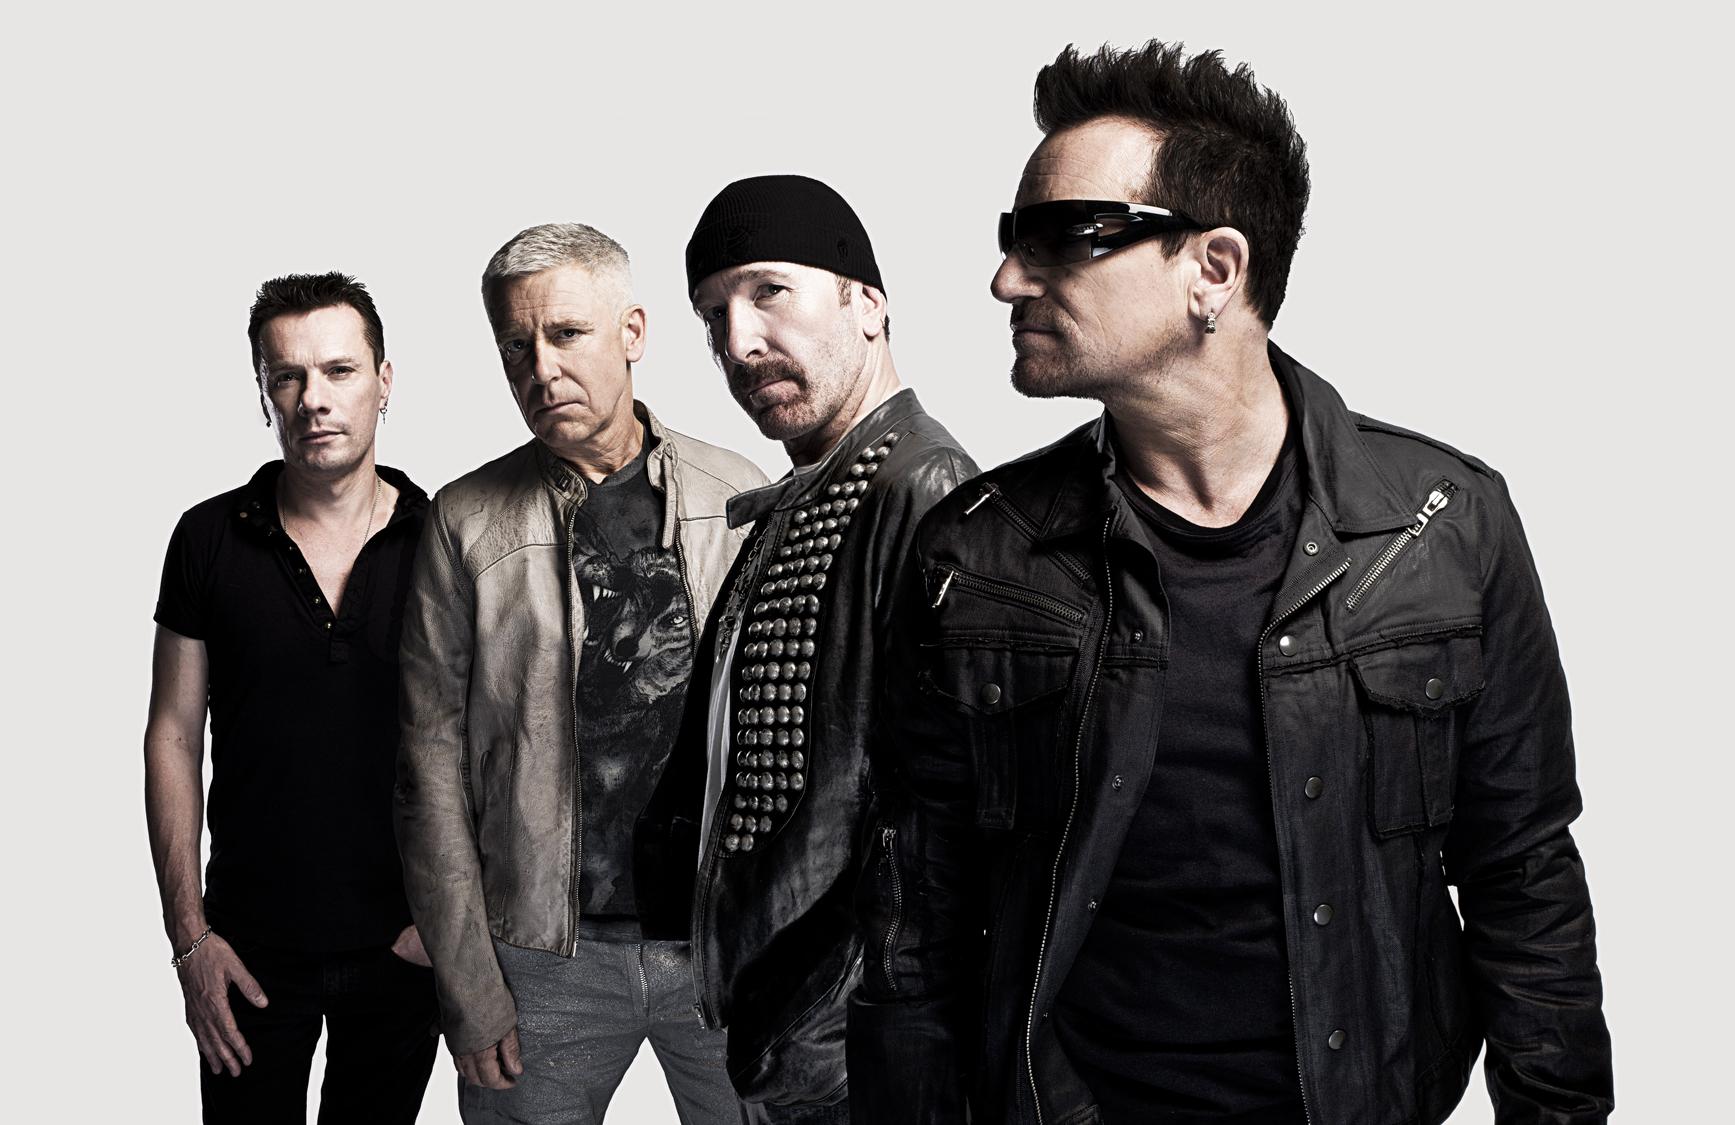 ロックの殿堂入りを果たした伝説のロックスターバンド『 U2 』